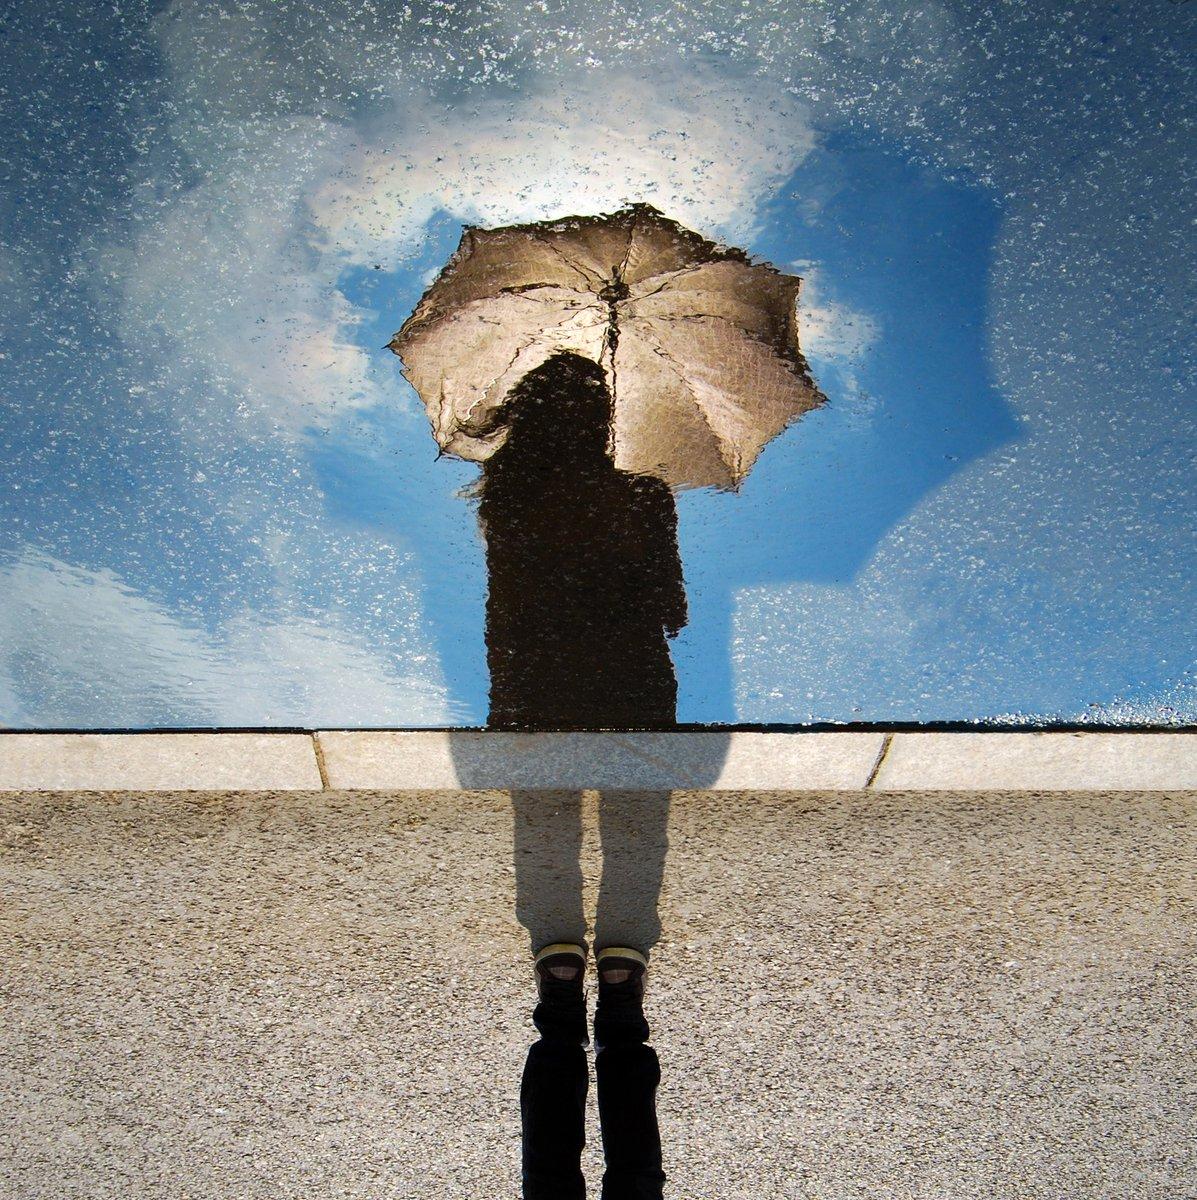 Несколько советов от #swarmium по съемке в дождь https://vk.com/swarmium?w=wall-86937904_17… #дождь #ищуфотографа #ищумодель pic.twitter.com/66BdYZ6BHm